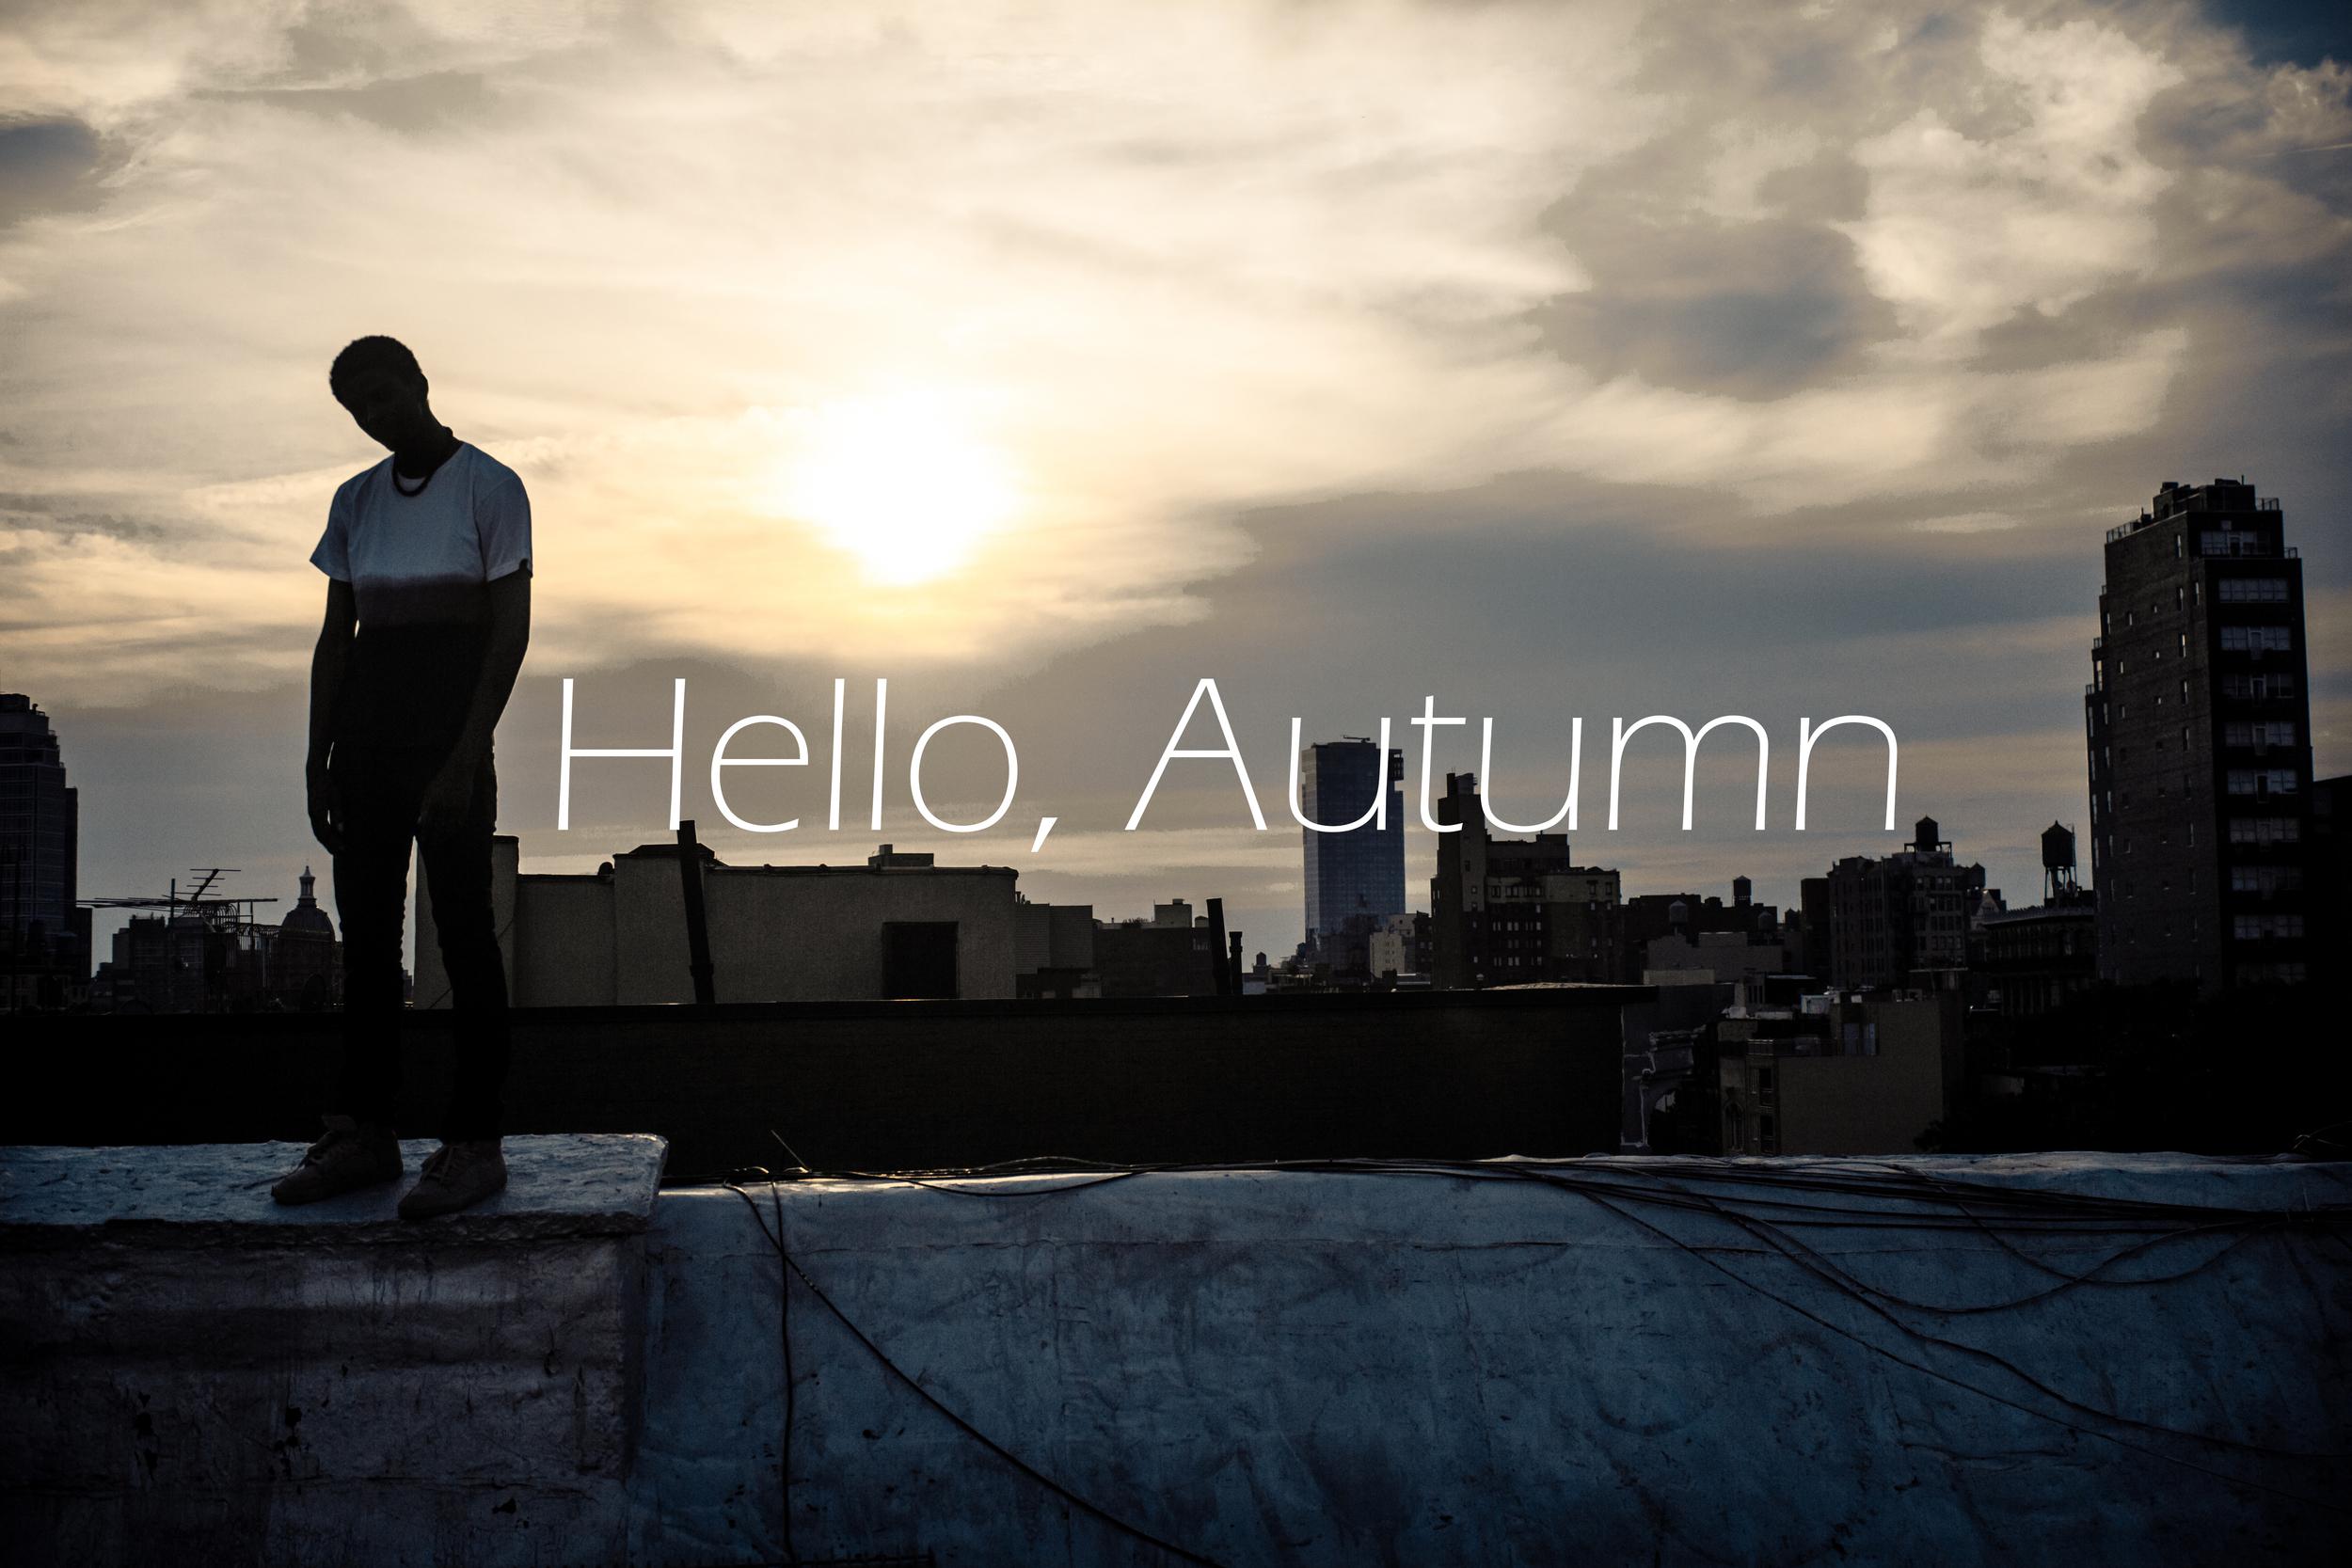 hello,autumn.